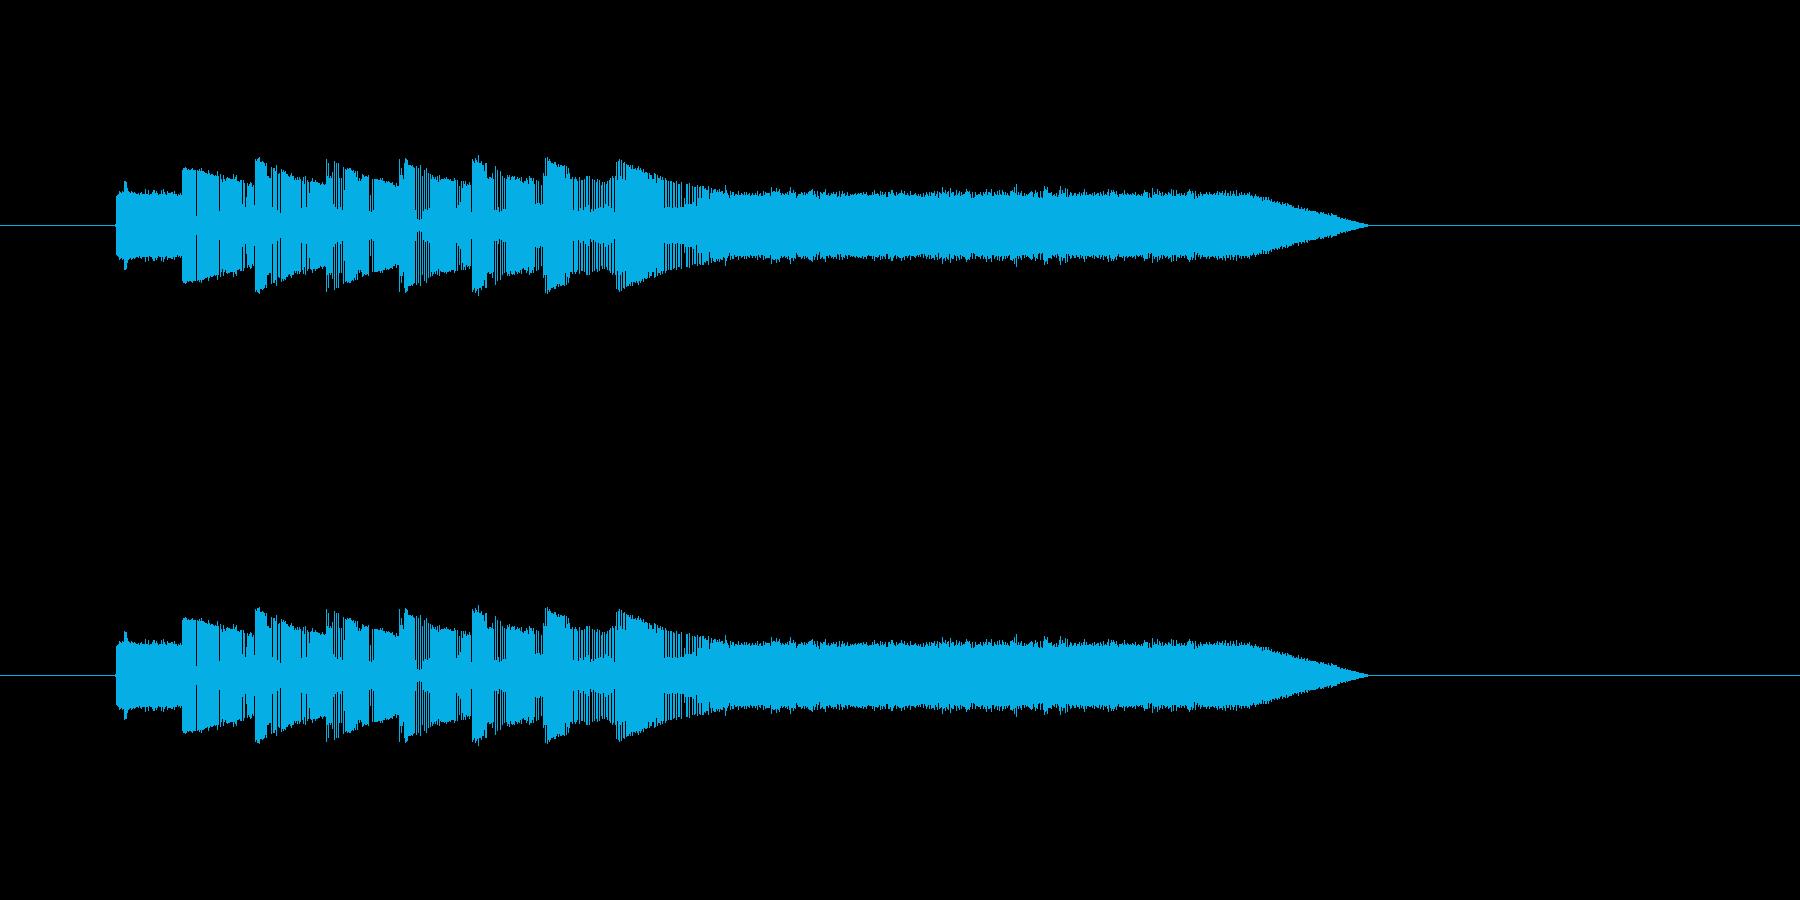 クイズ番組で不正解の時の音。の再生済みの波形